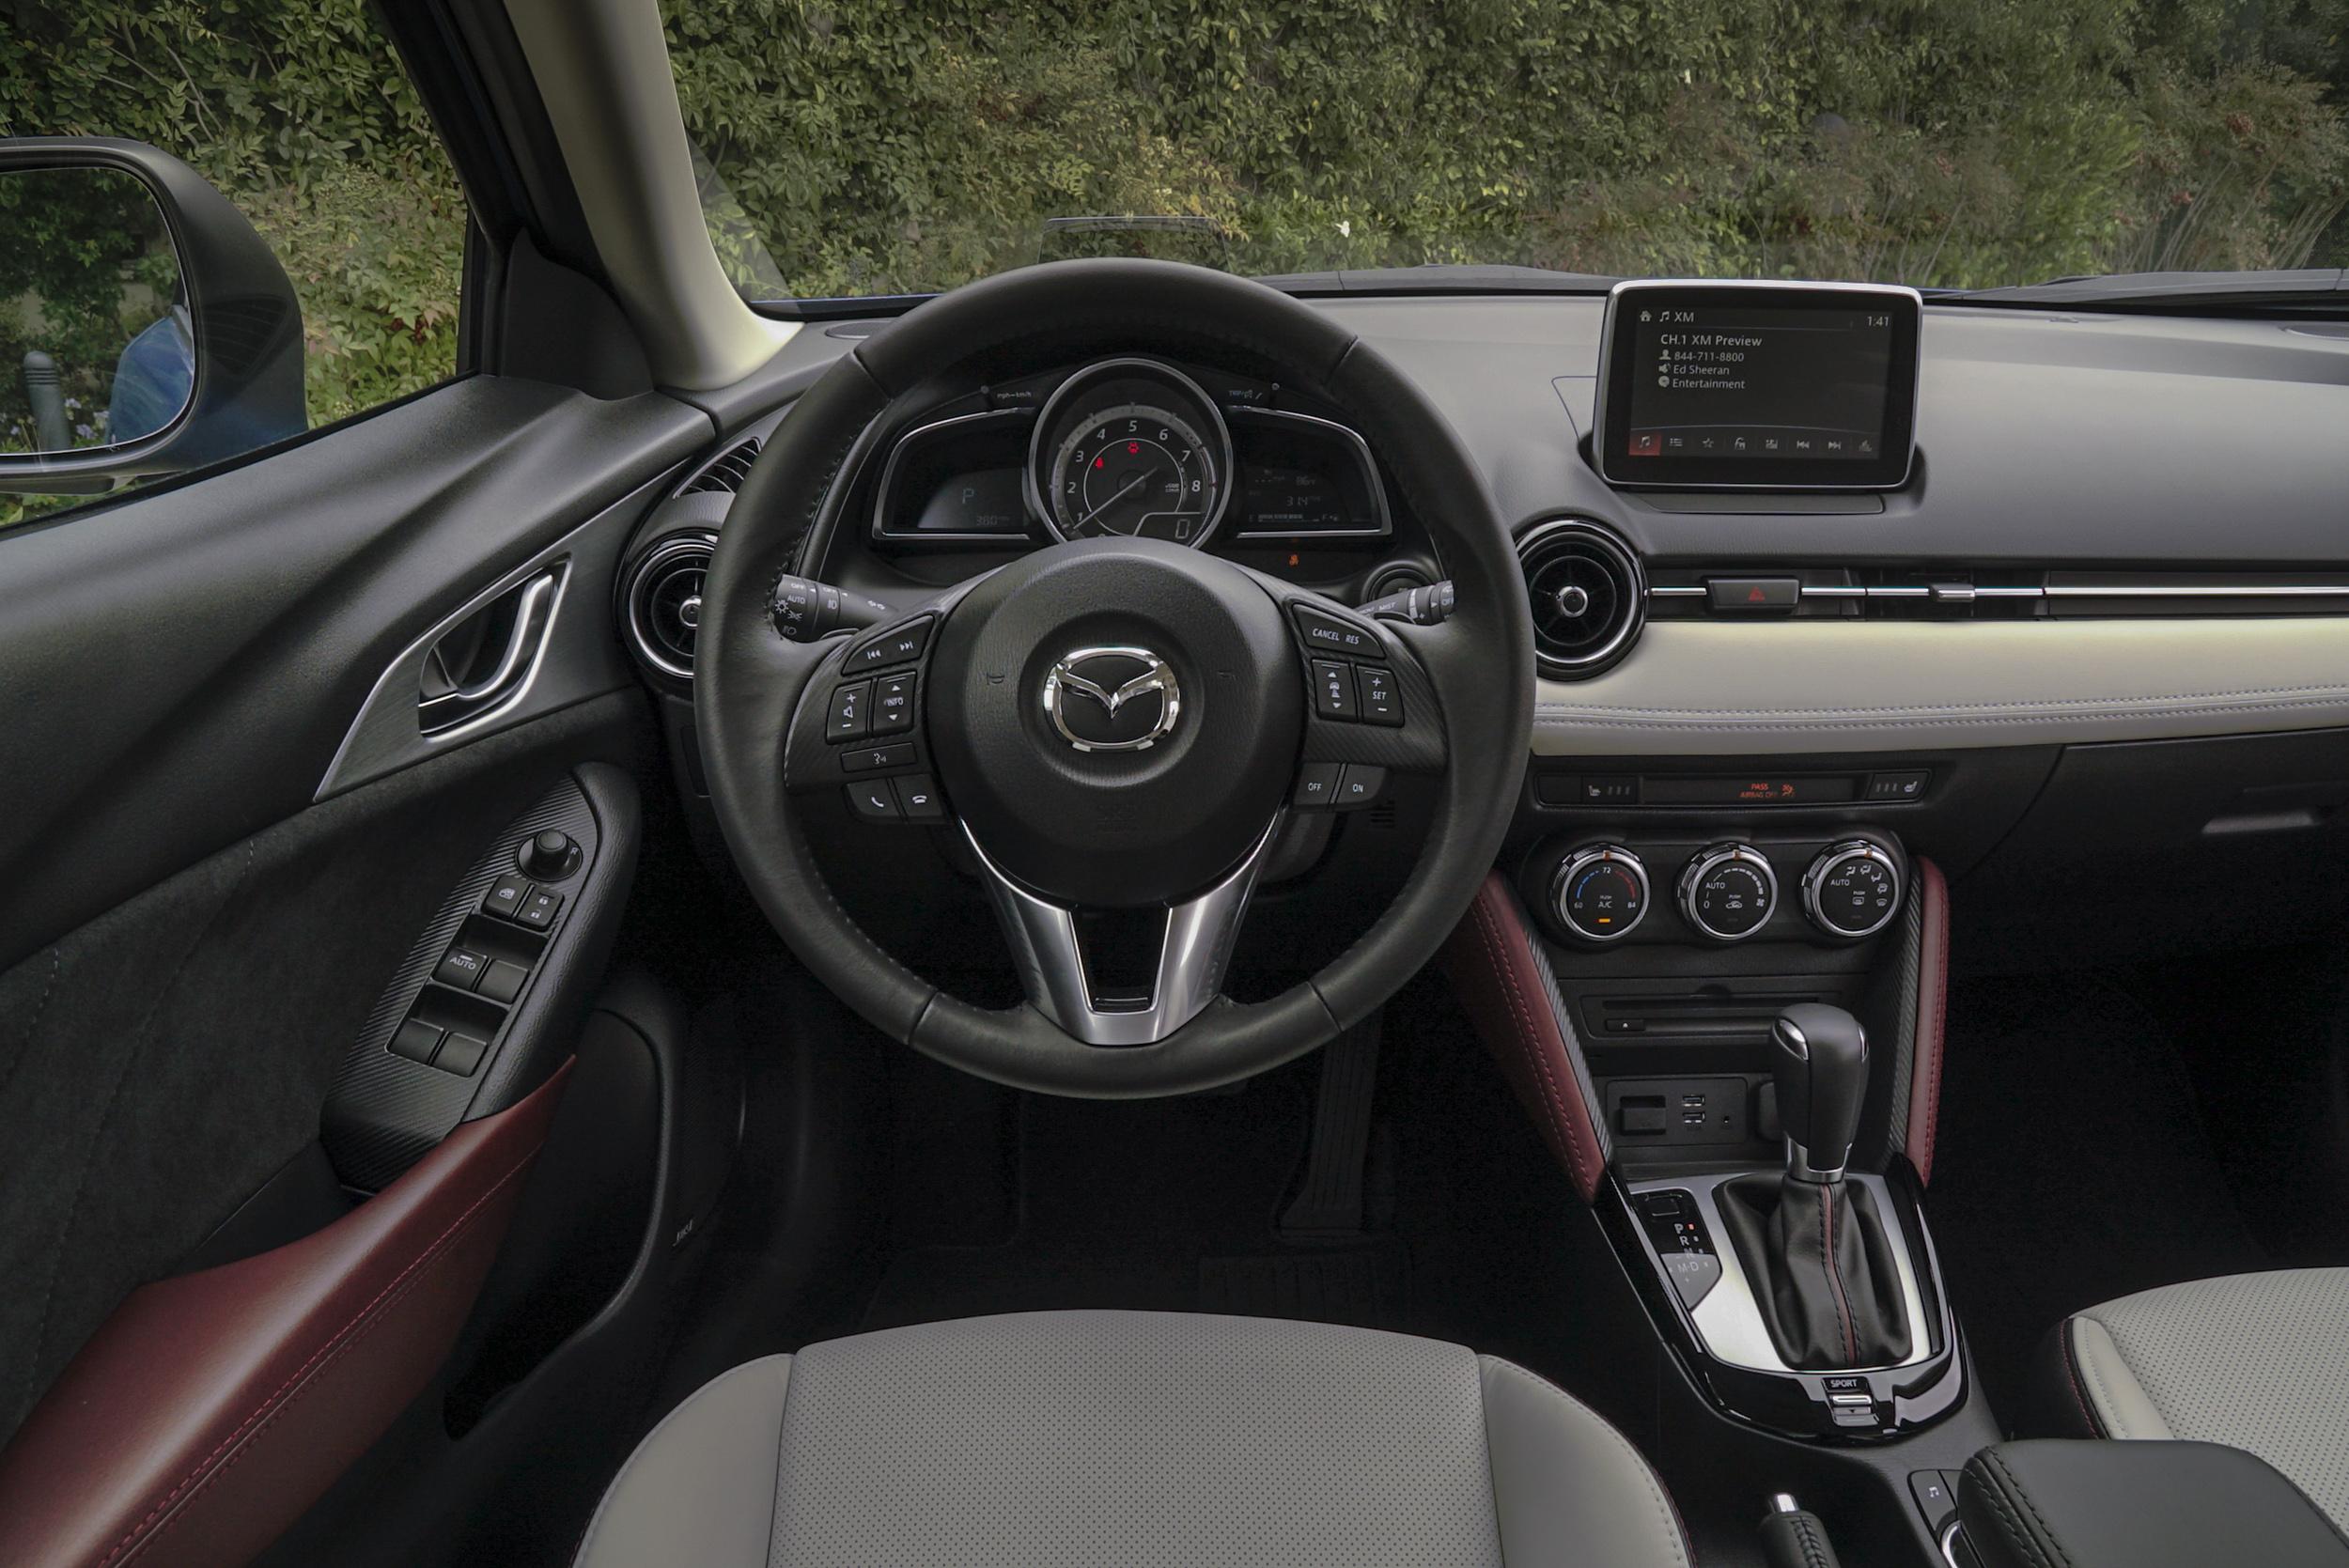 Mazda CX-3 Inteior 3